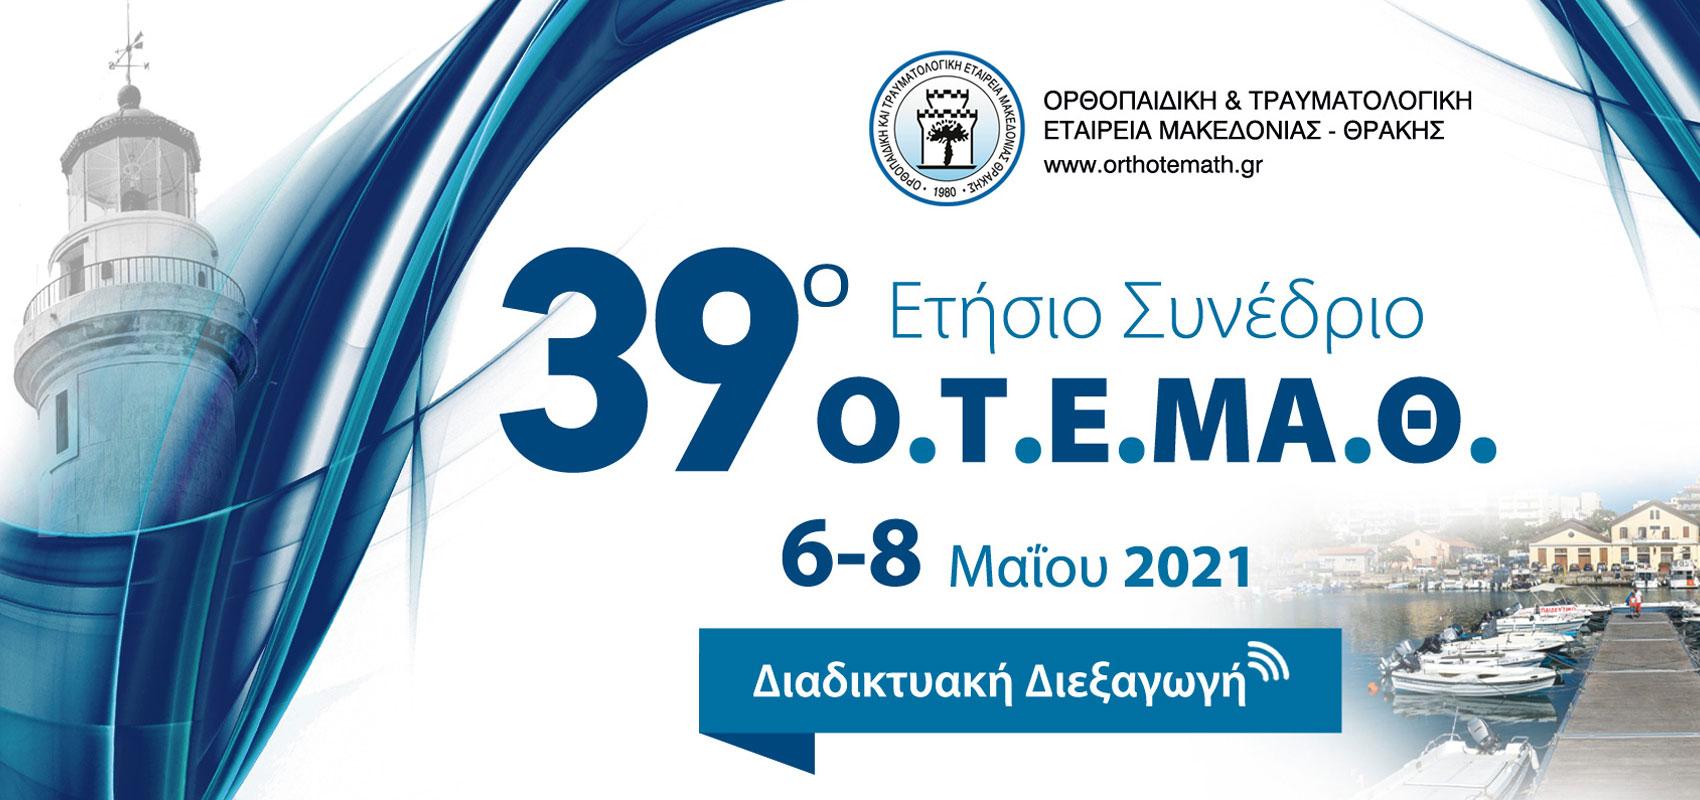 39ο Ετήσιο Συνέδριο Ο.Τ.Ε.ΜΑ.Θ.